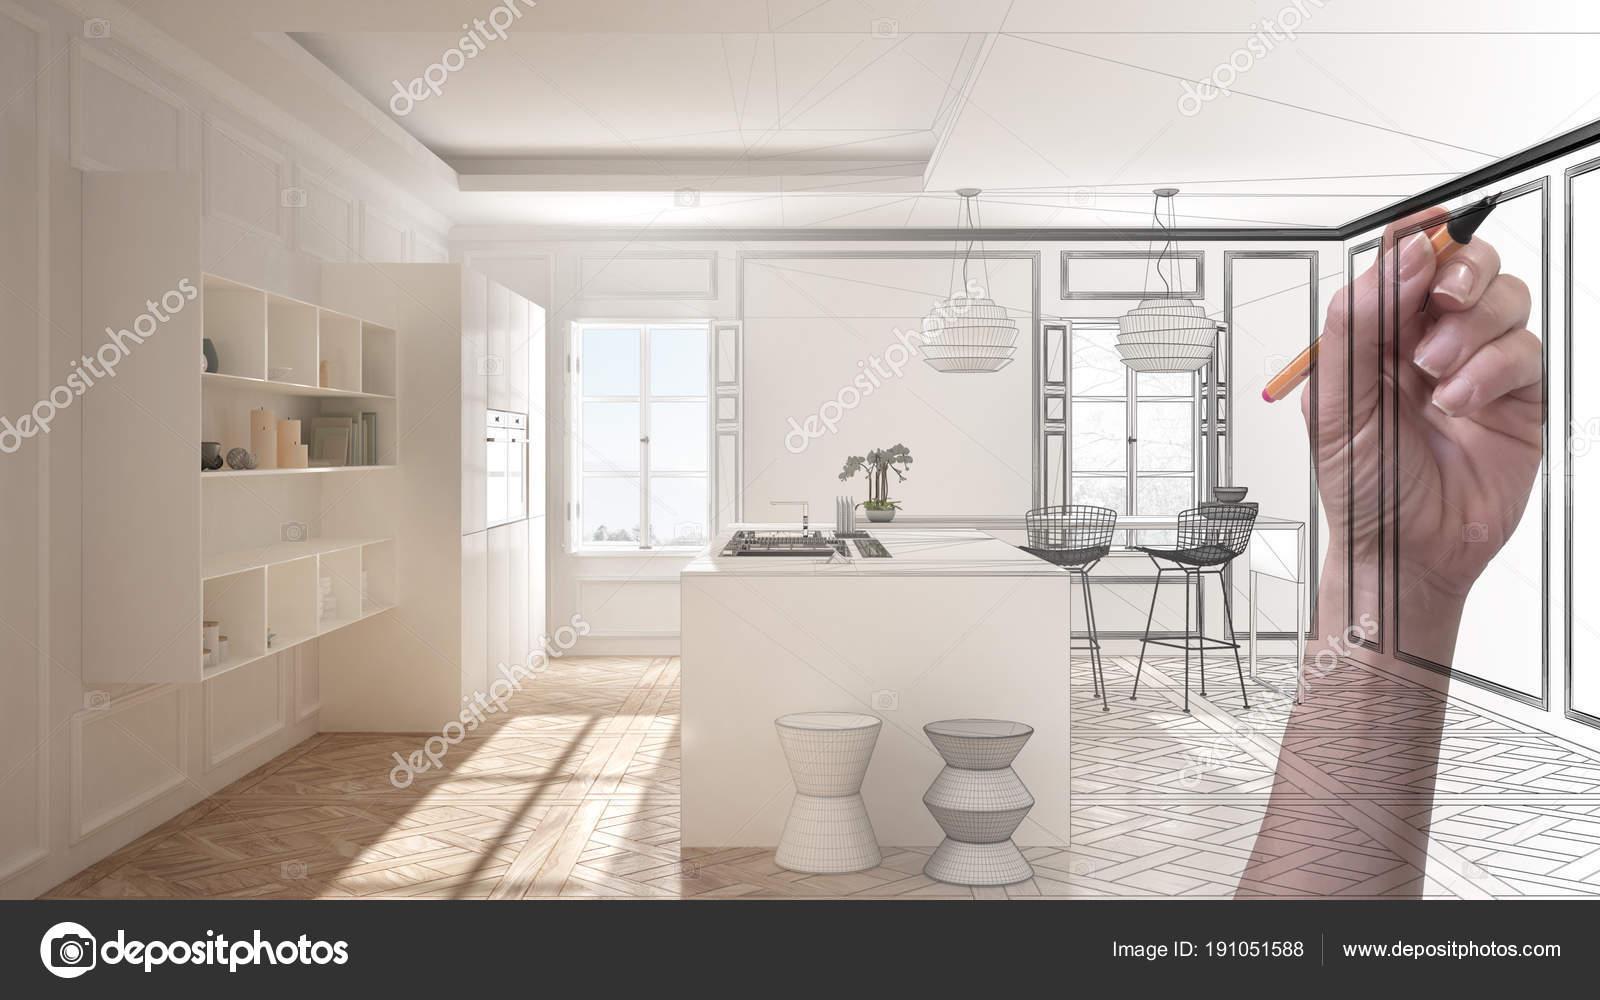 M O Branca Minimalista Moderno Da Cozinha Personalizada De Desenho